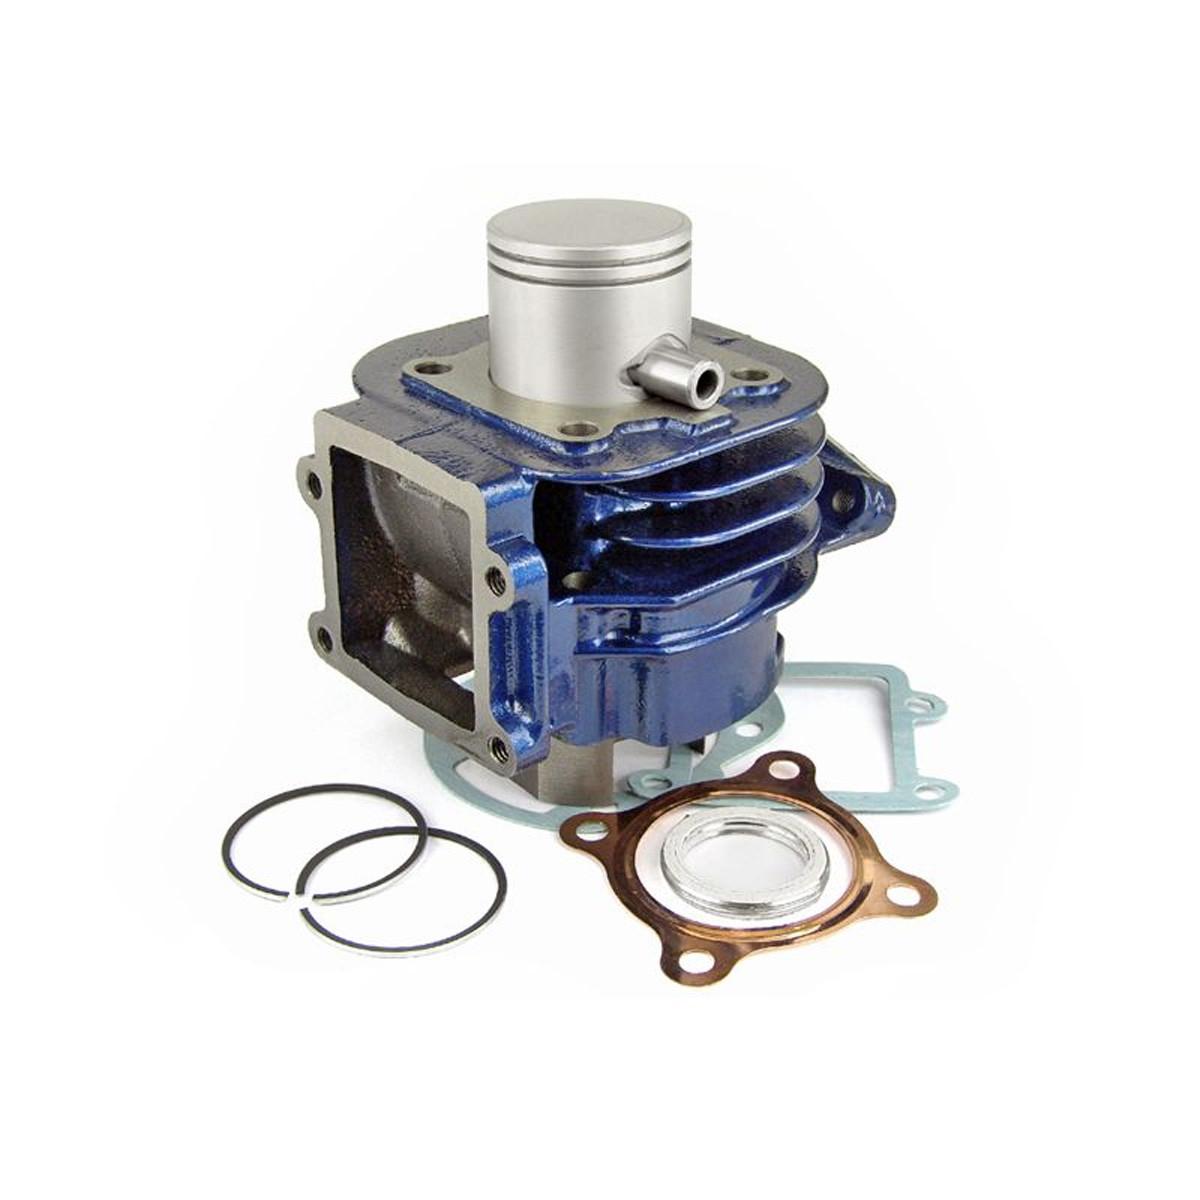 Cylindre MBK Booster, YAMAHA Bw's 50cc - CARENZI Fonte